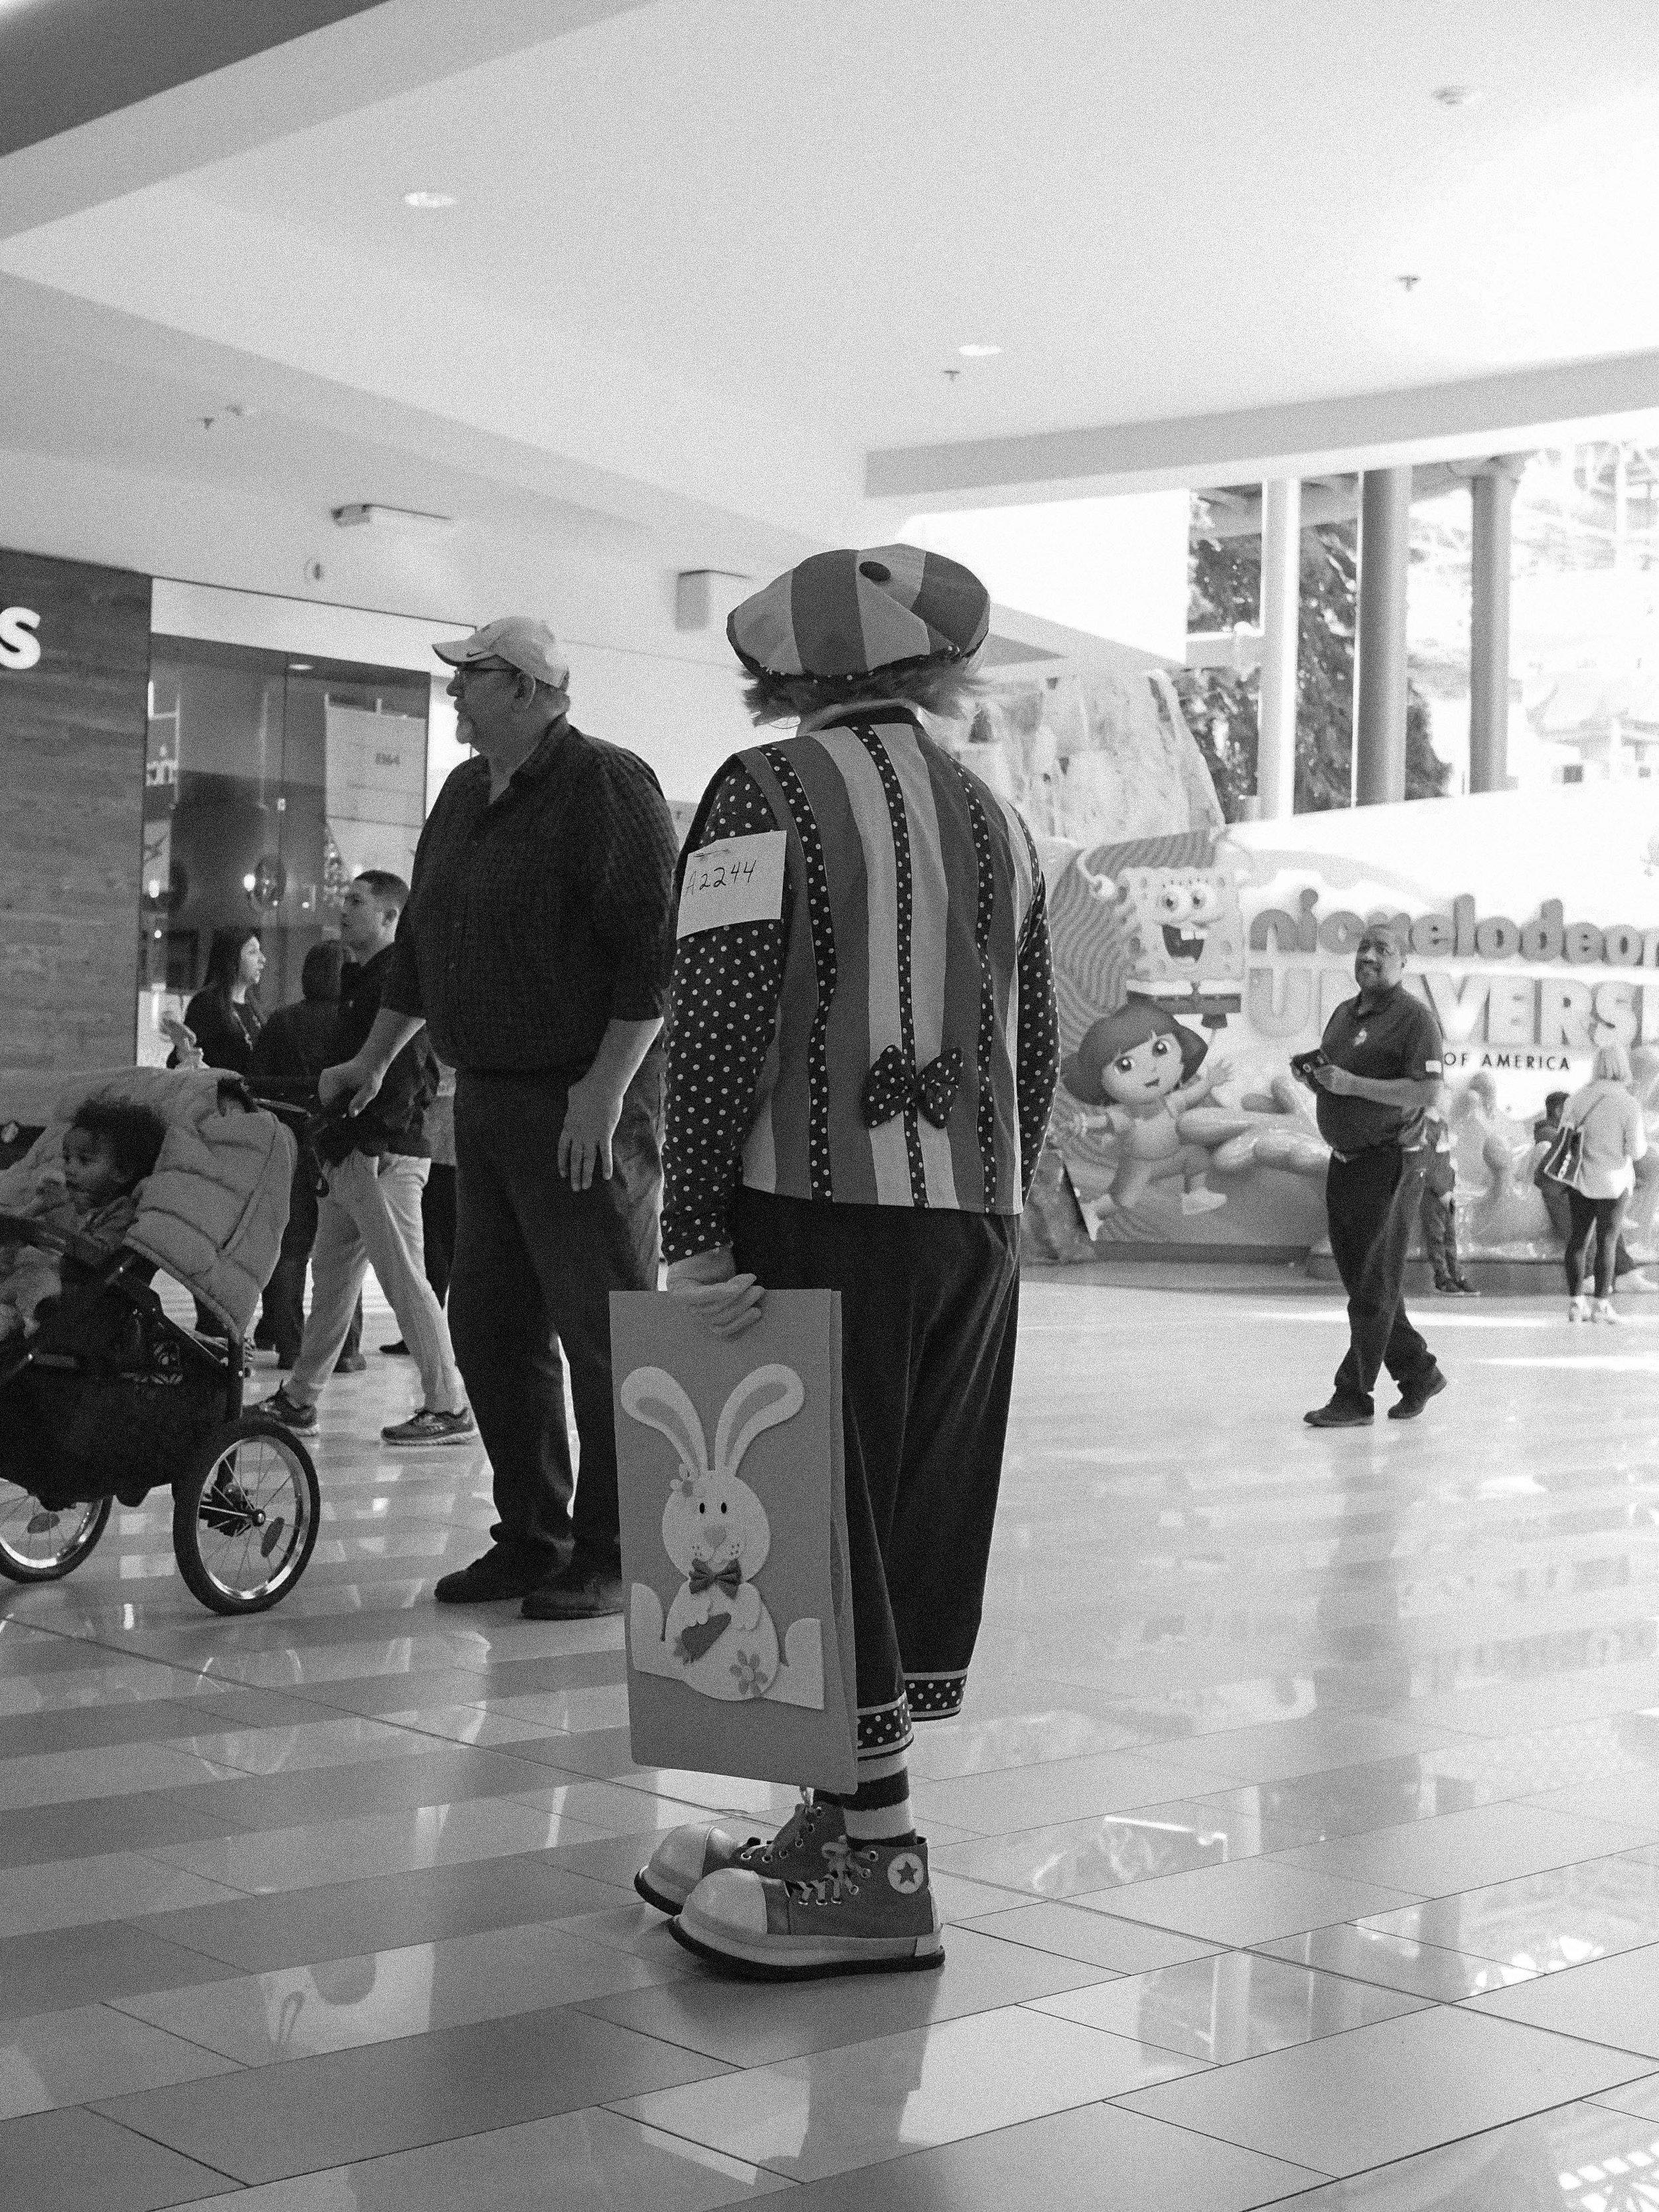 Clown in the Mall. Minnesota.